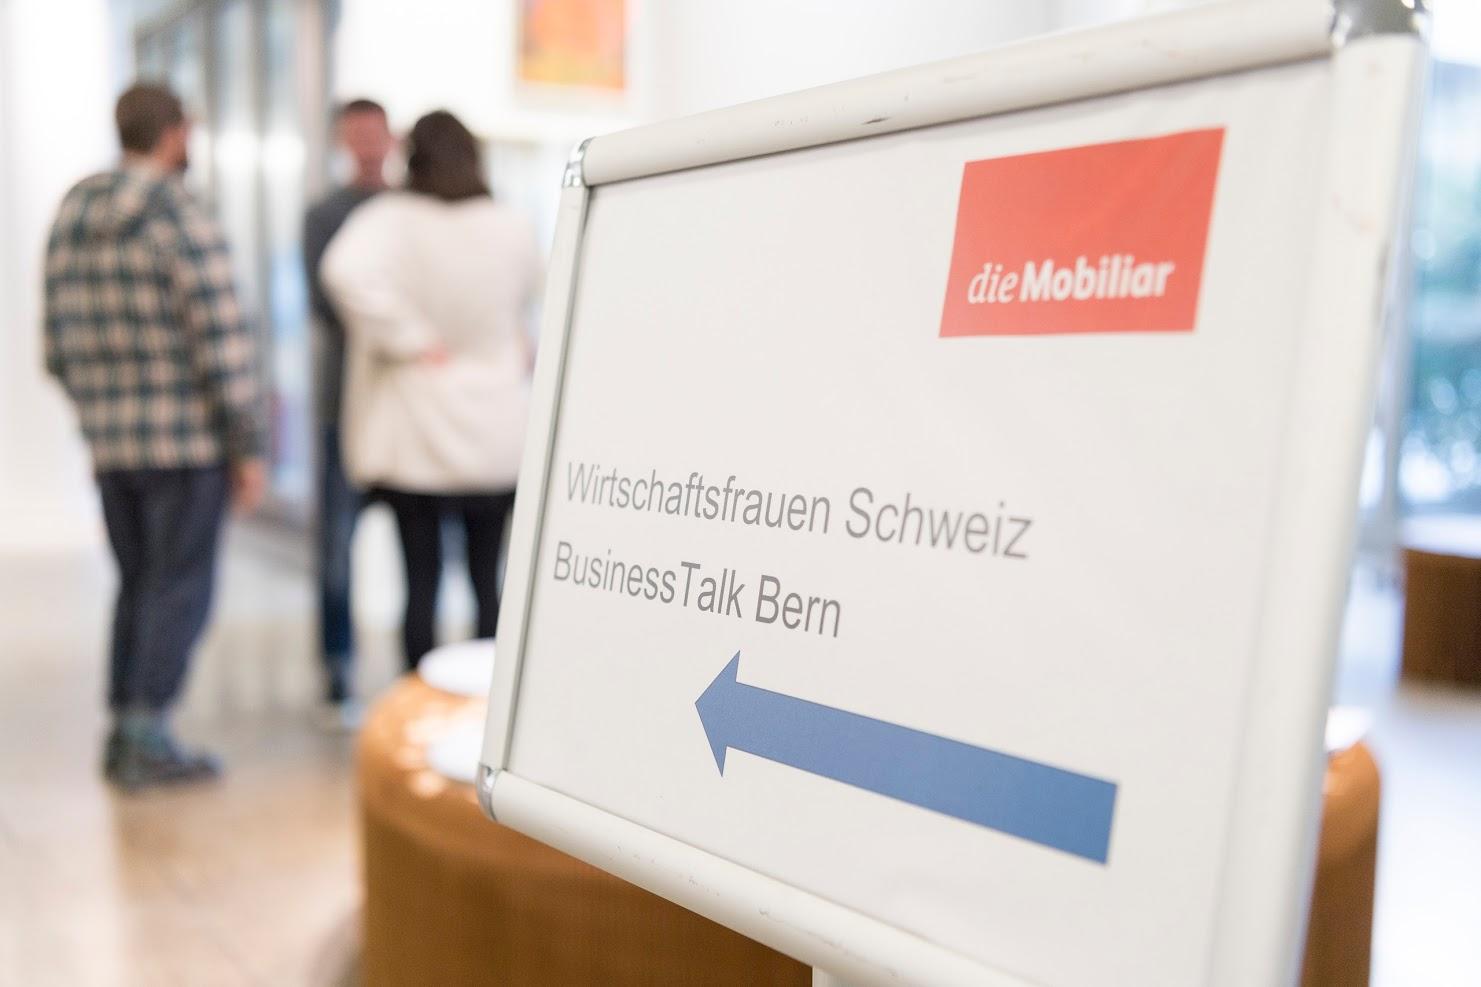 WirtschaftsFrauenCH_BusinessTalk_Bern17-3921